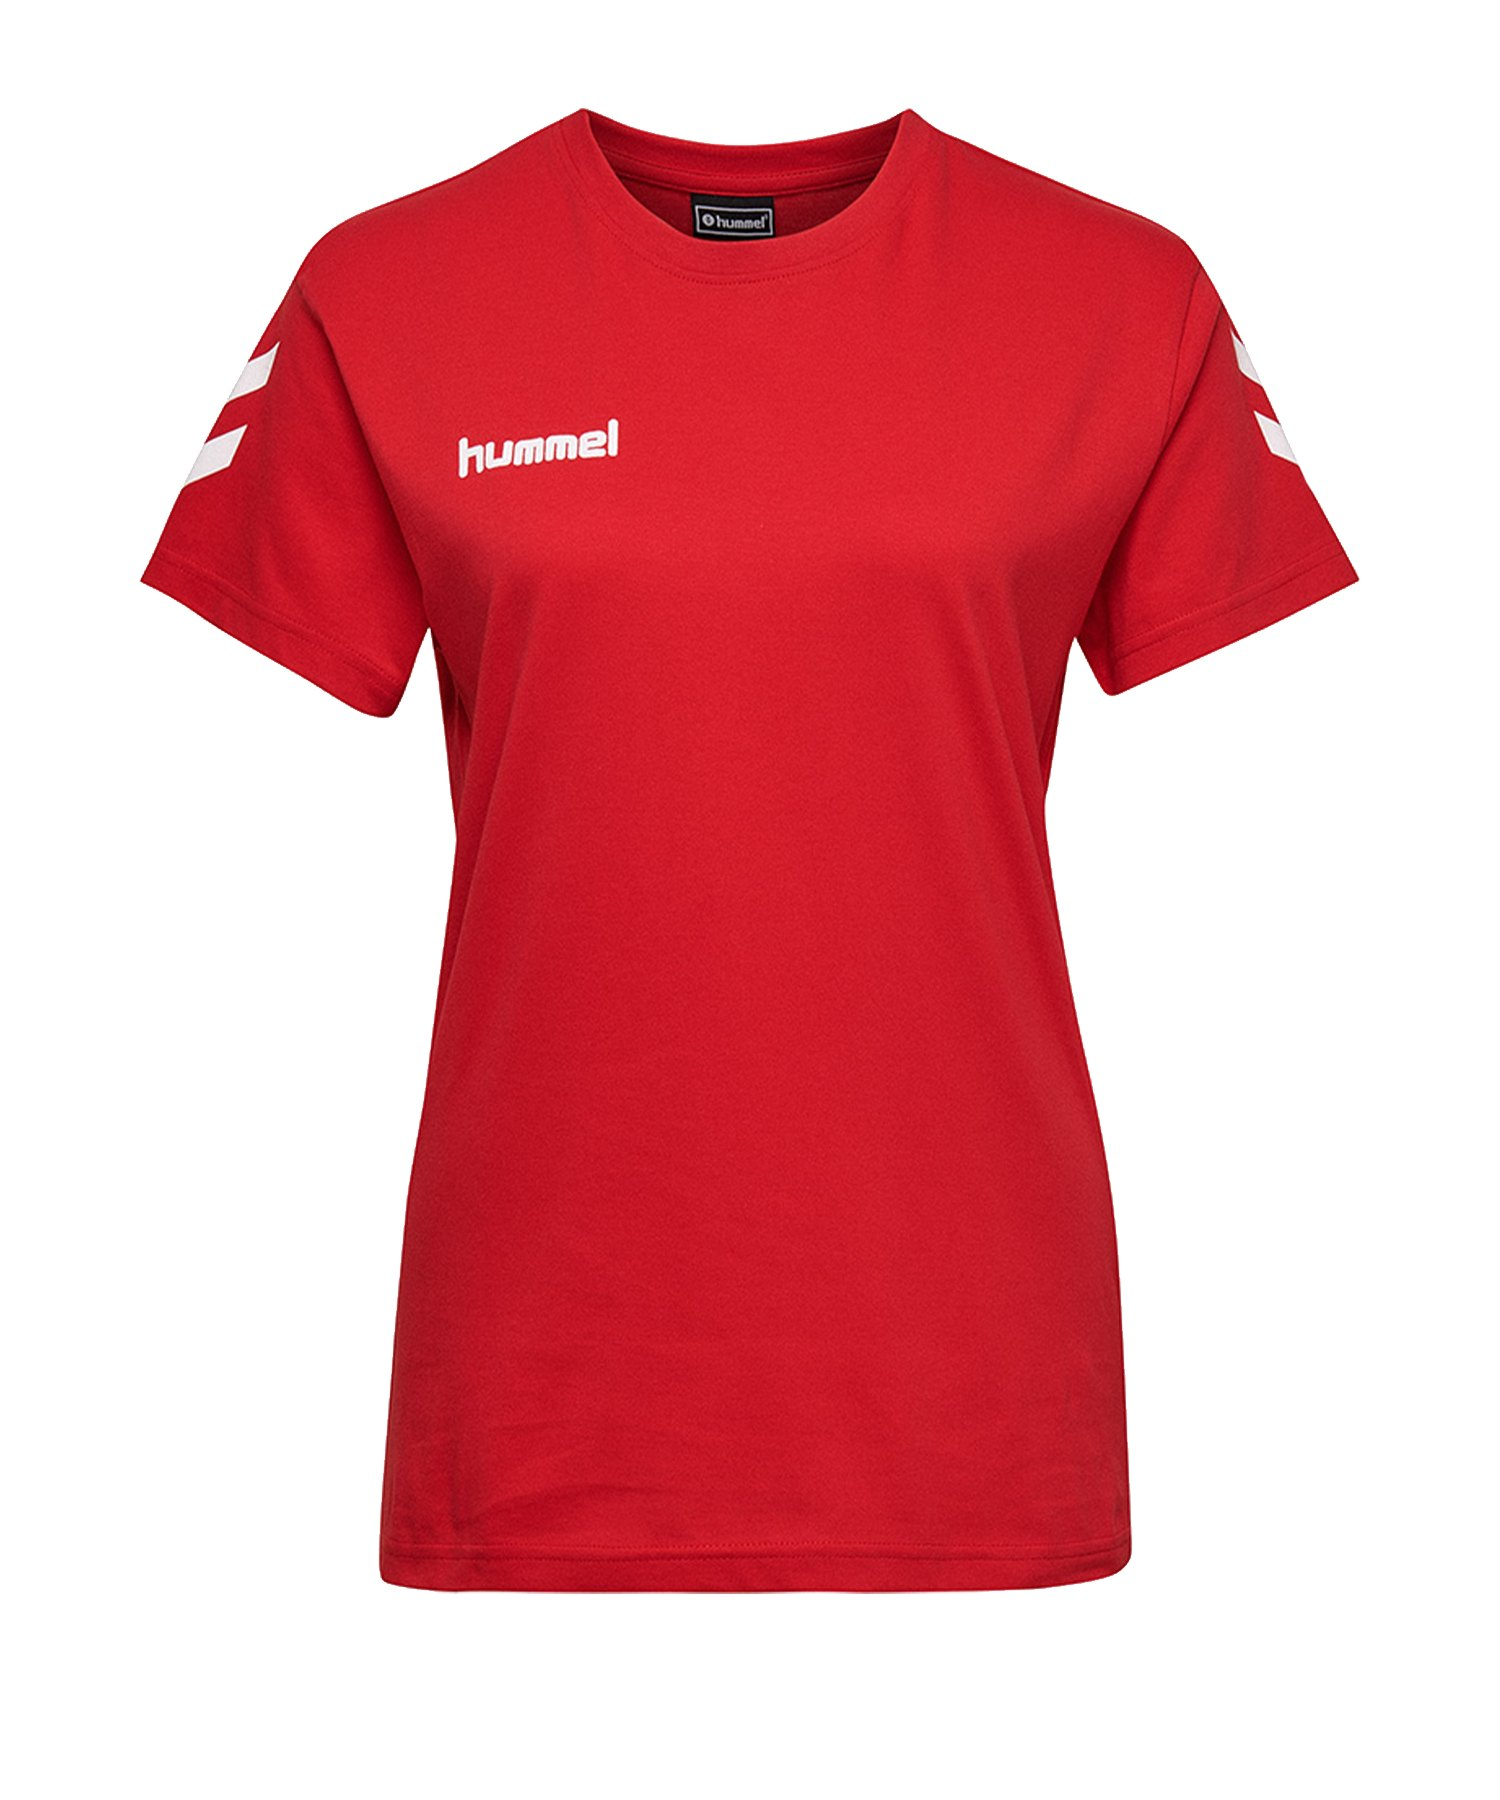 Hummel Cotton T-Shirt Damen Rot F3062 - Rot